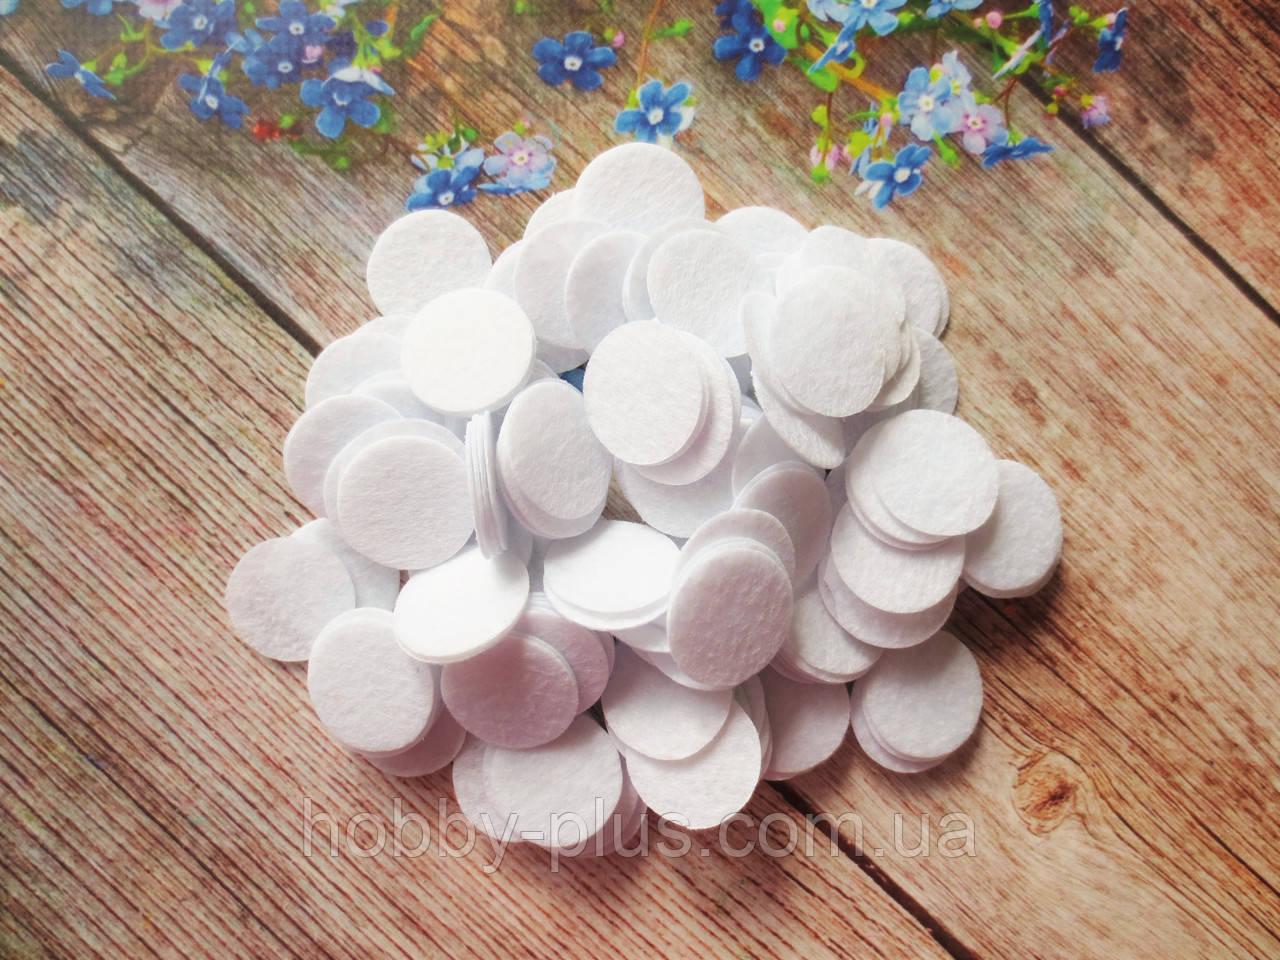 Фетровий заготівля-коло, 2,5 см, колір білий, 10 грам, ~ 150 шт.